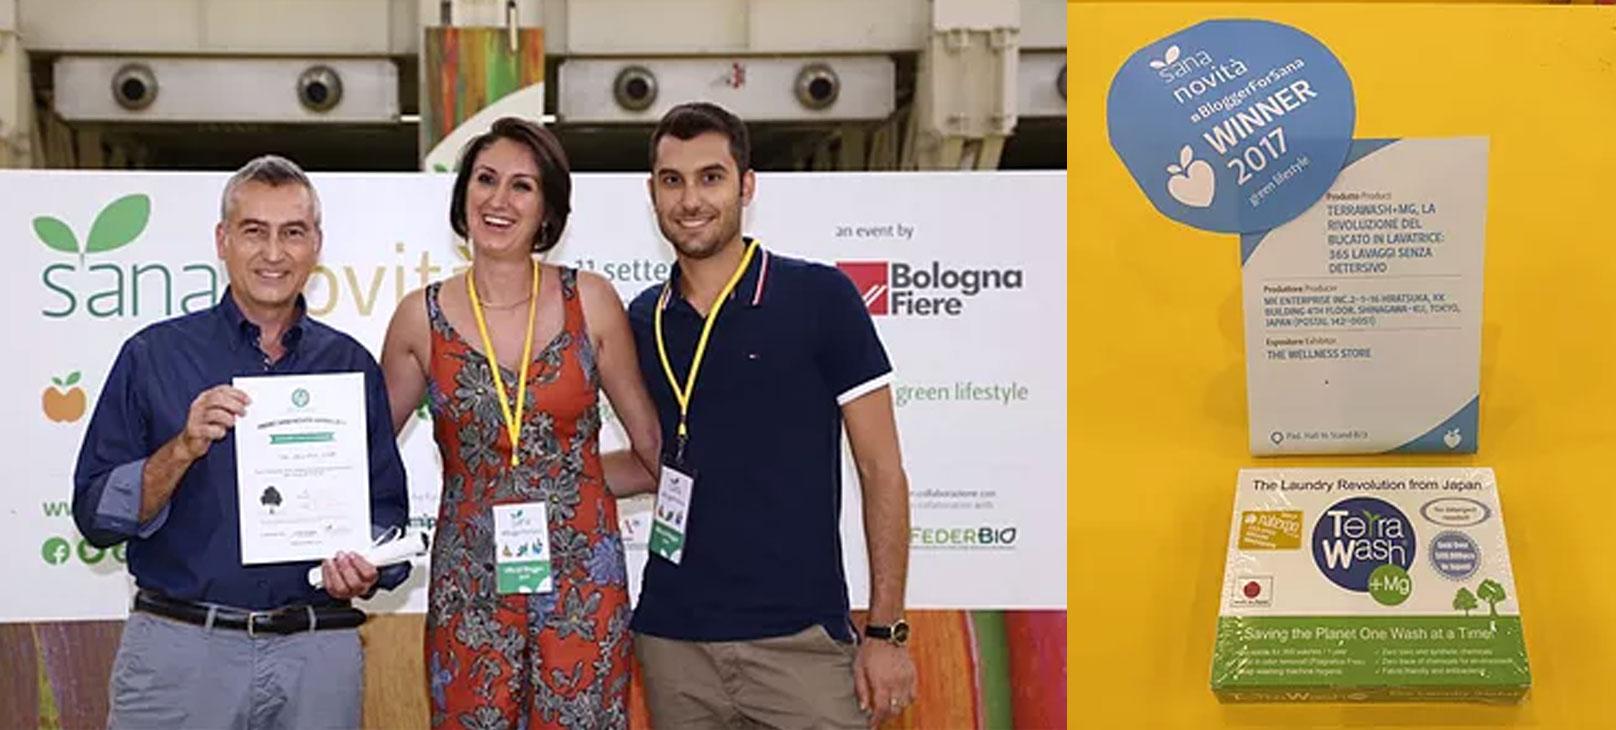 Premiul Sana Novita în Italia